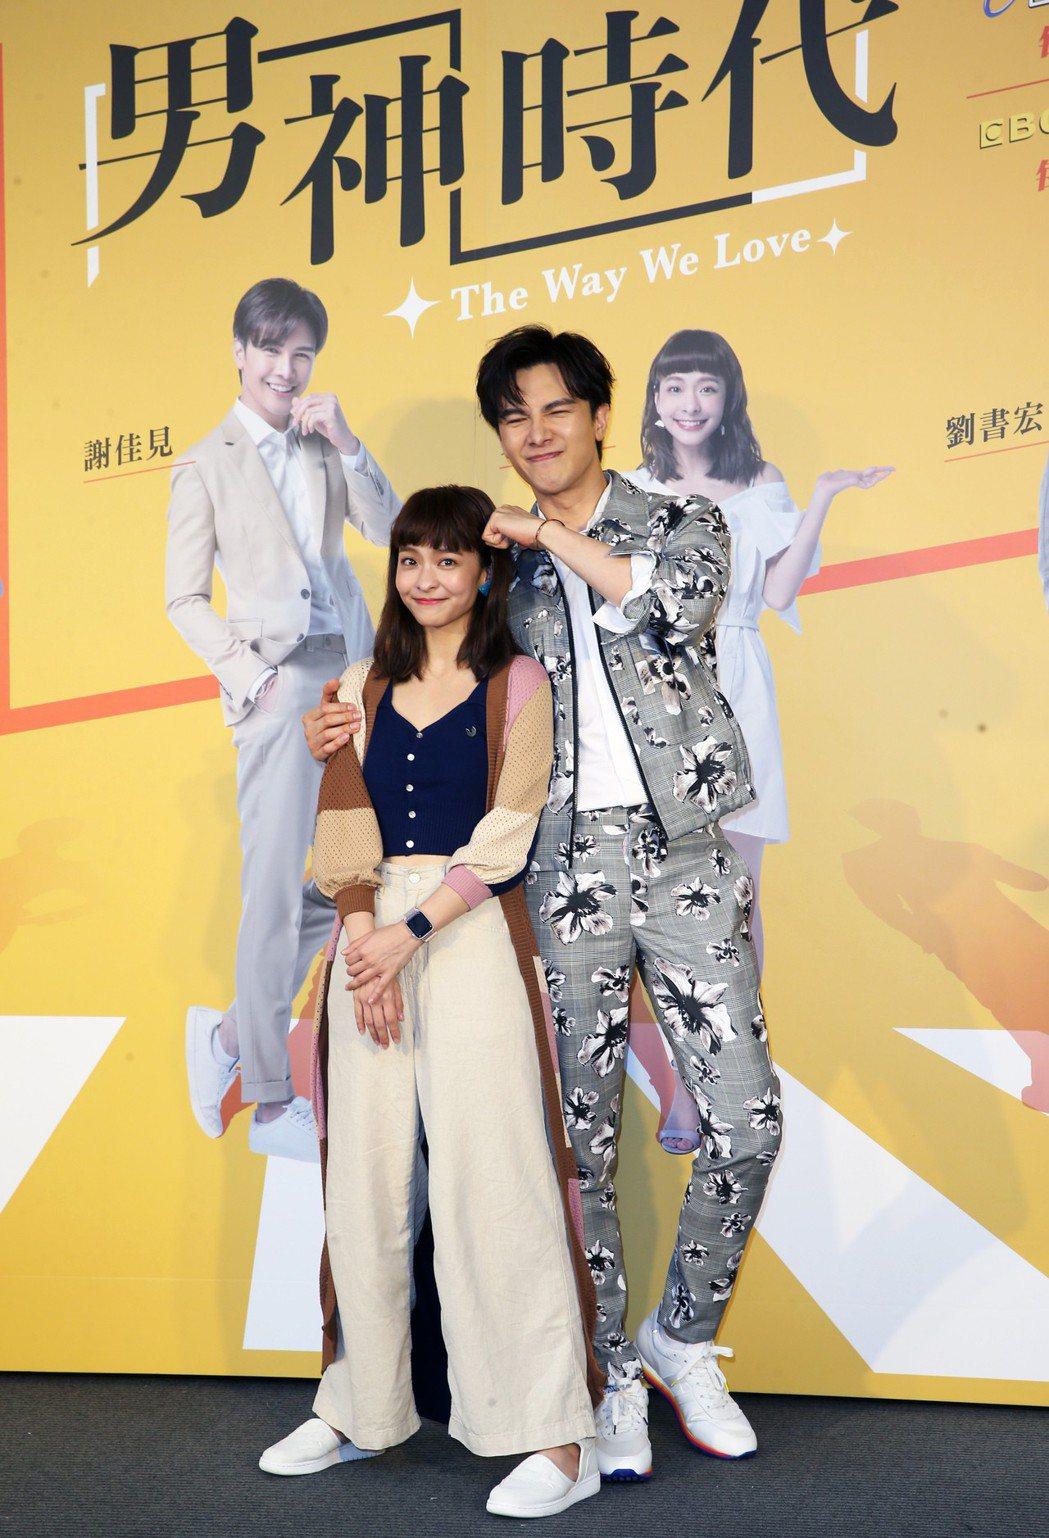 葉星辰(左)、謝佳見(右)出席東森新戲《男神時代》卡司發布會。記者徐兆玄/攝影